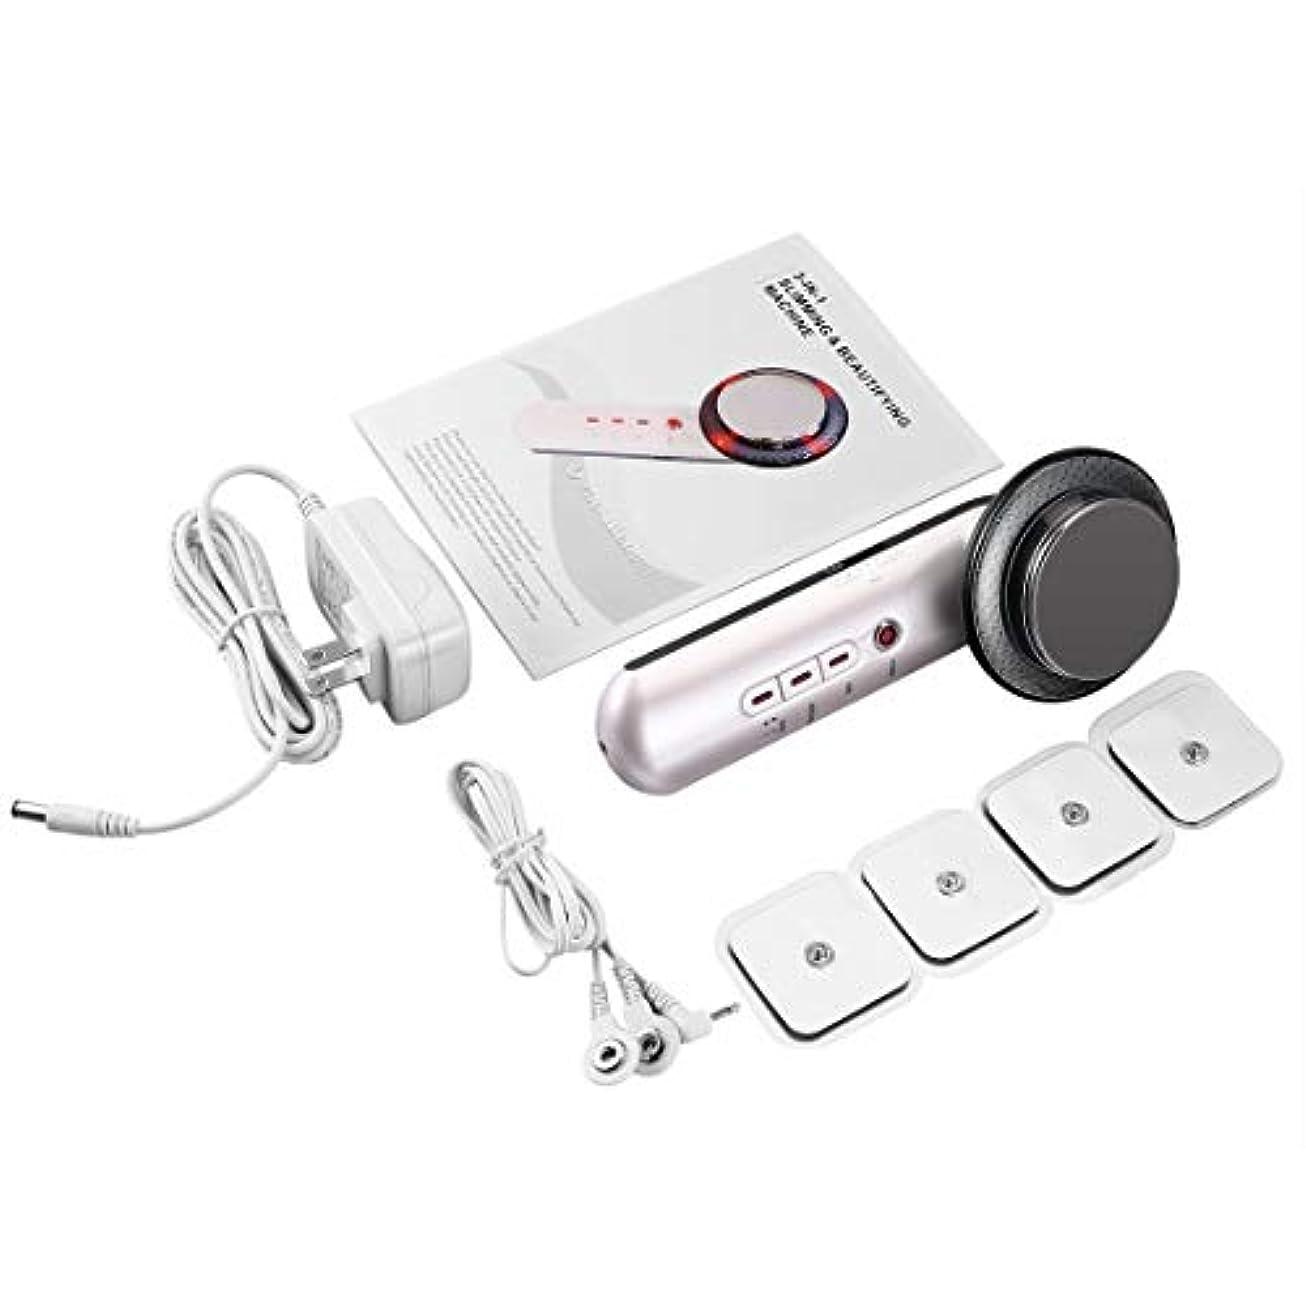 くさび間違いなく上げるマッサージャーの反セルライトの赤外線療法のマッサージ用具を細くする超音波ボディ-Rustle666